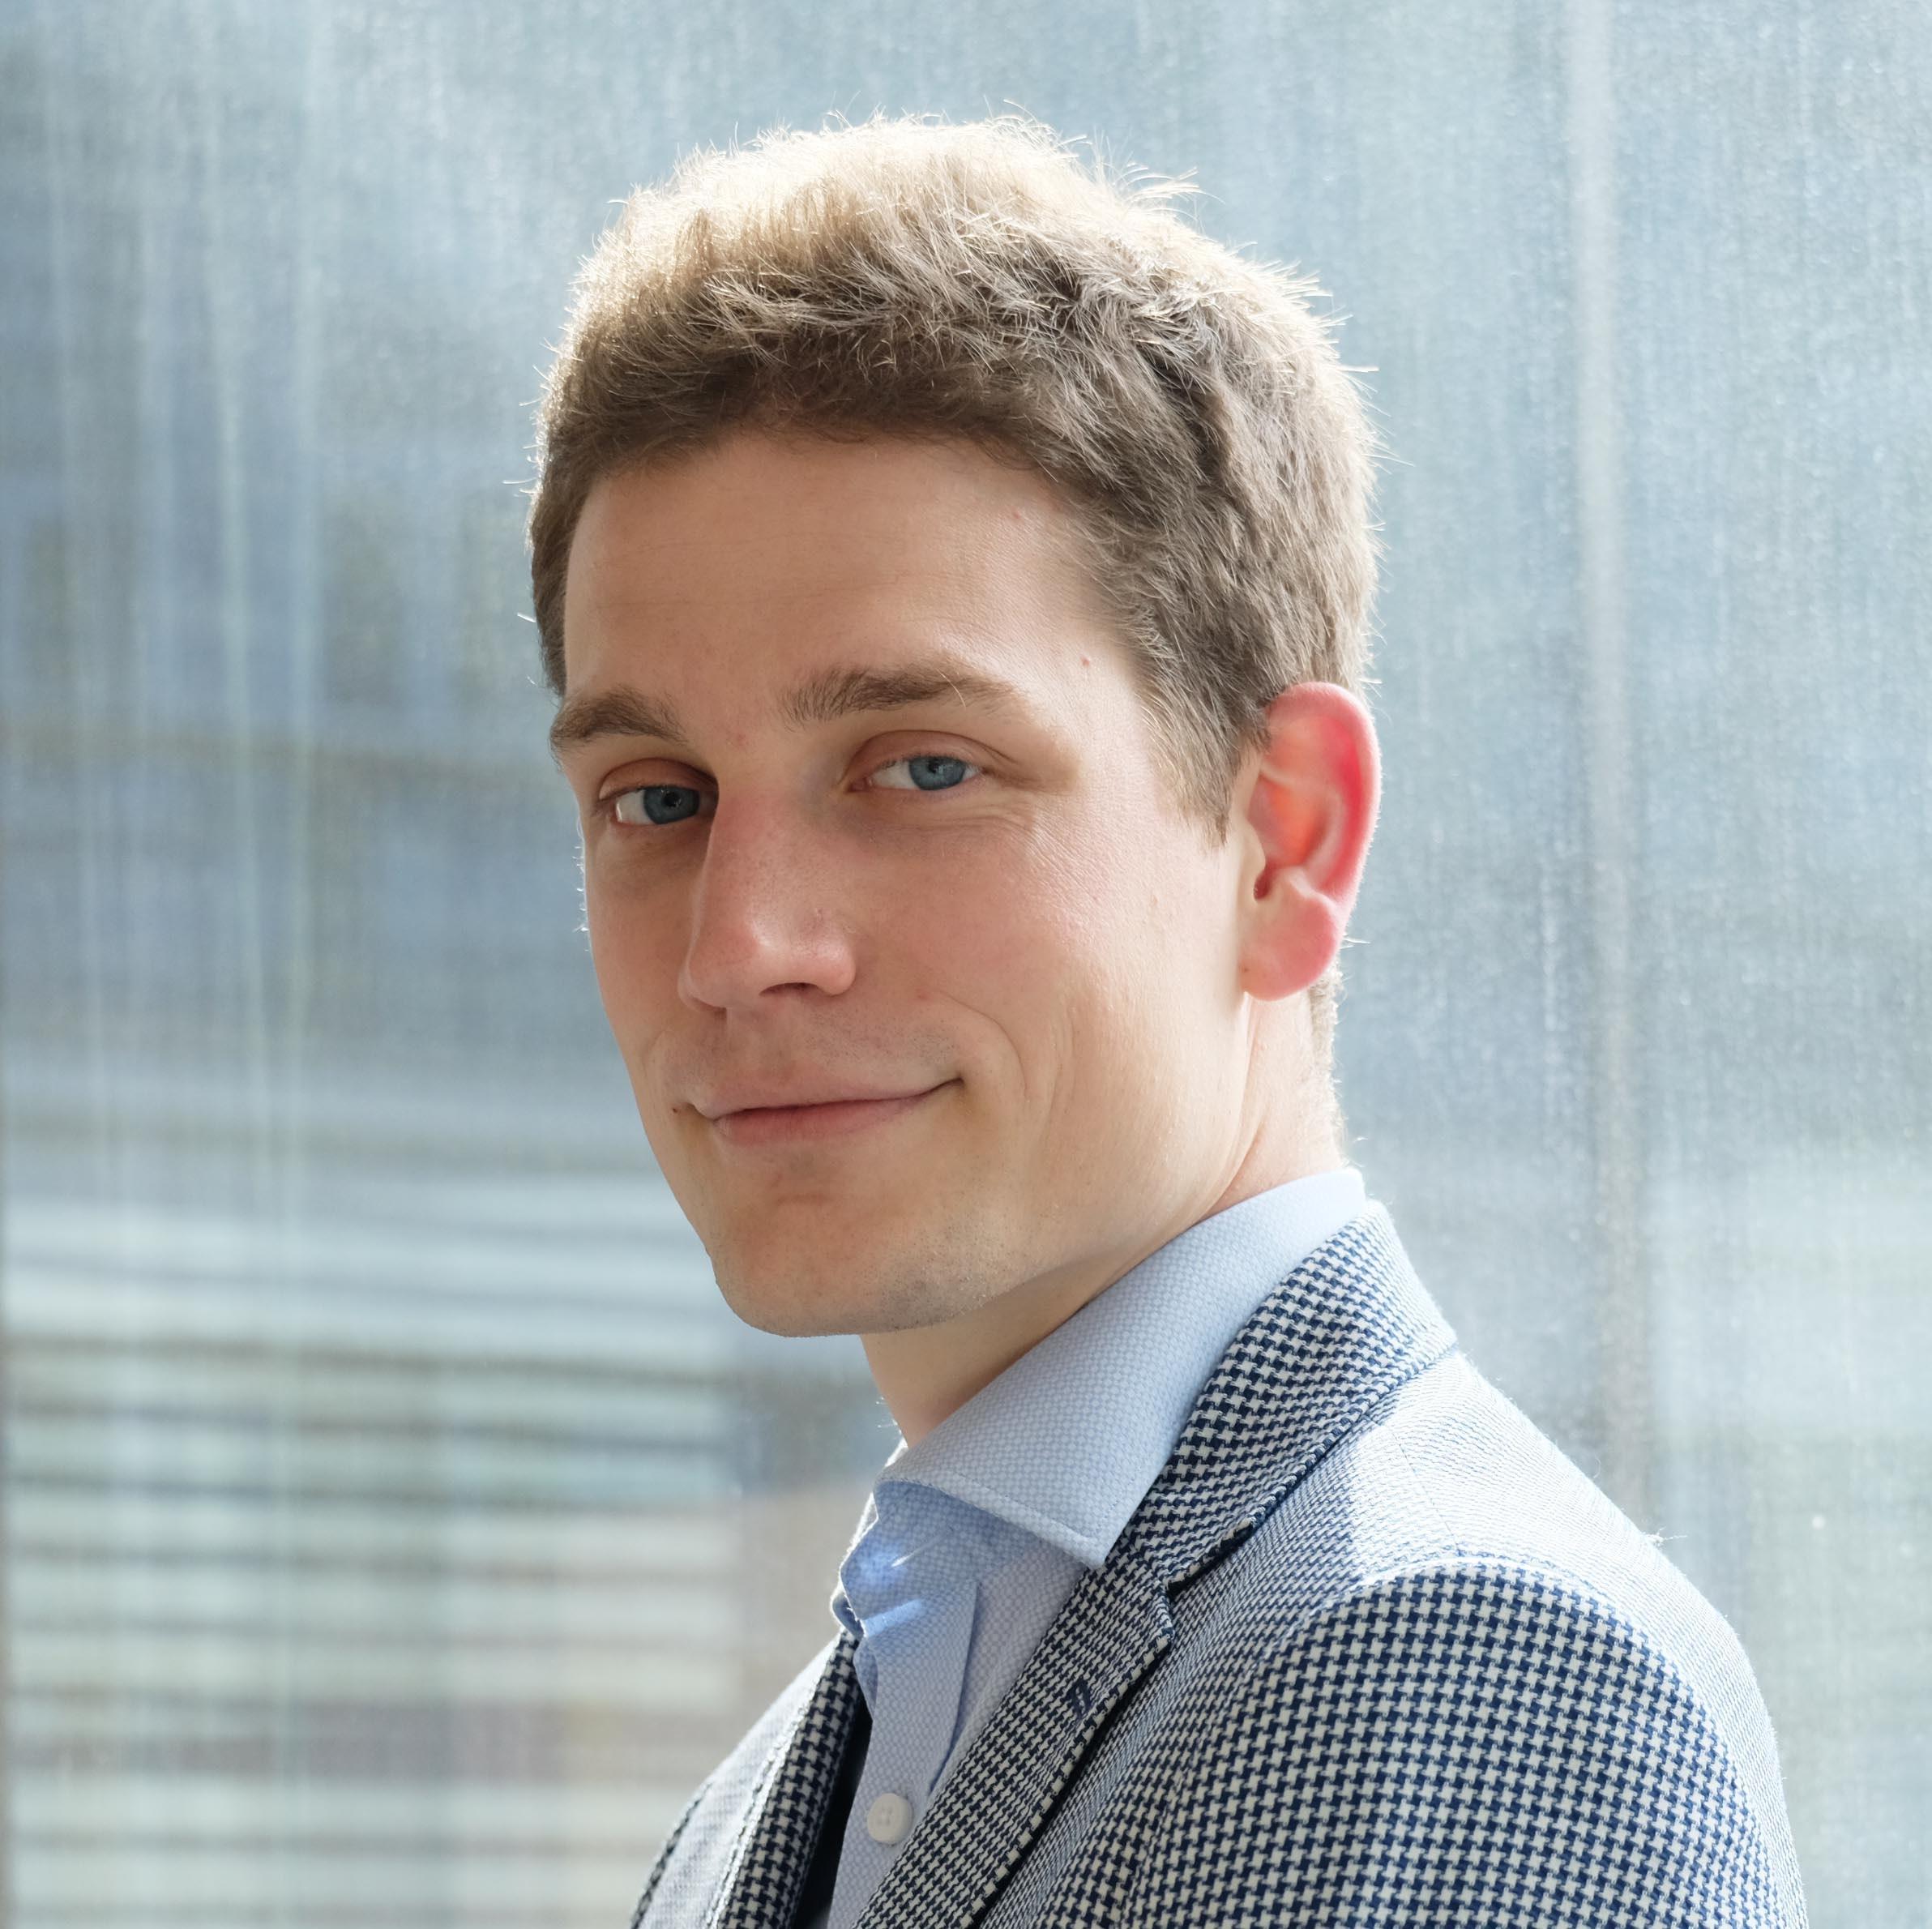 Lukasz Grabowski